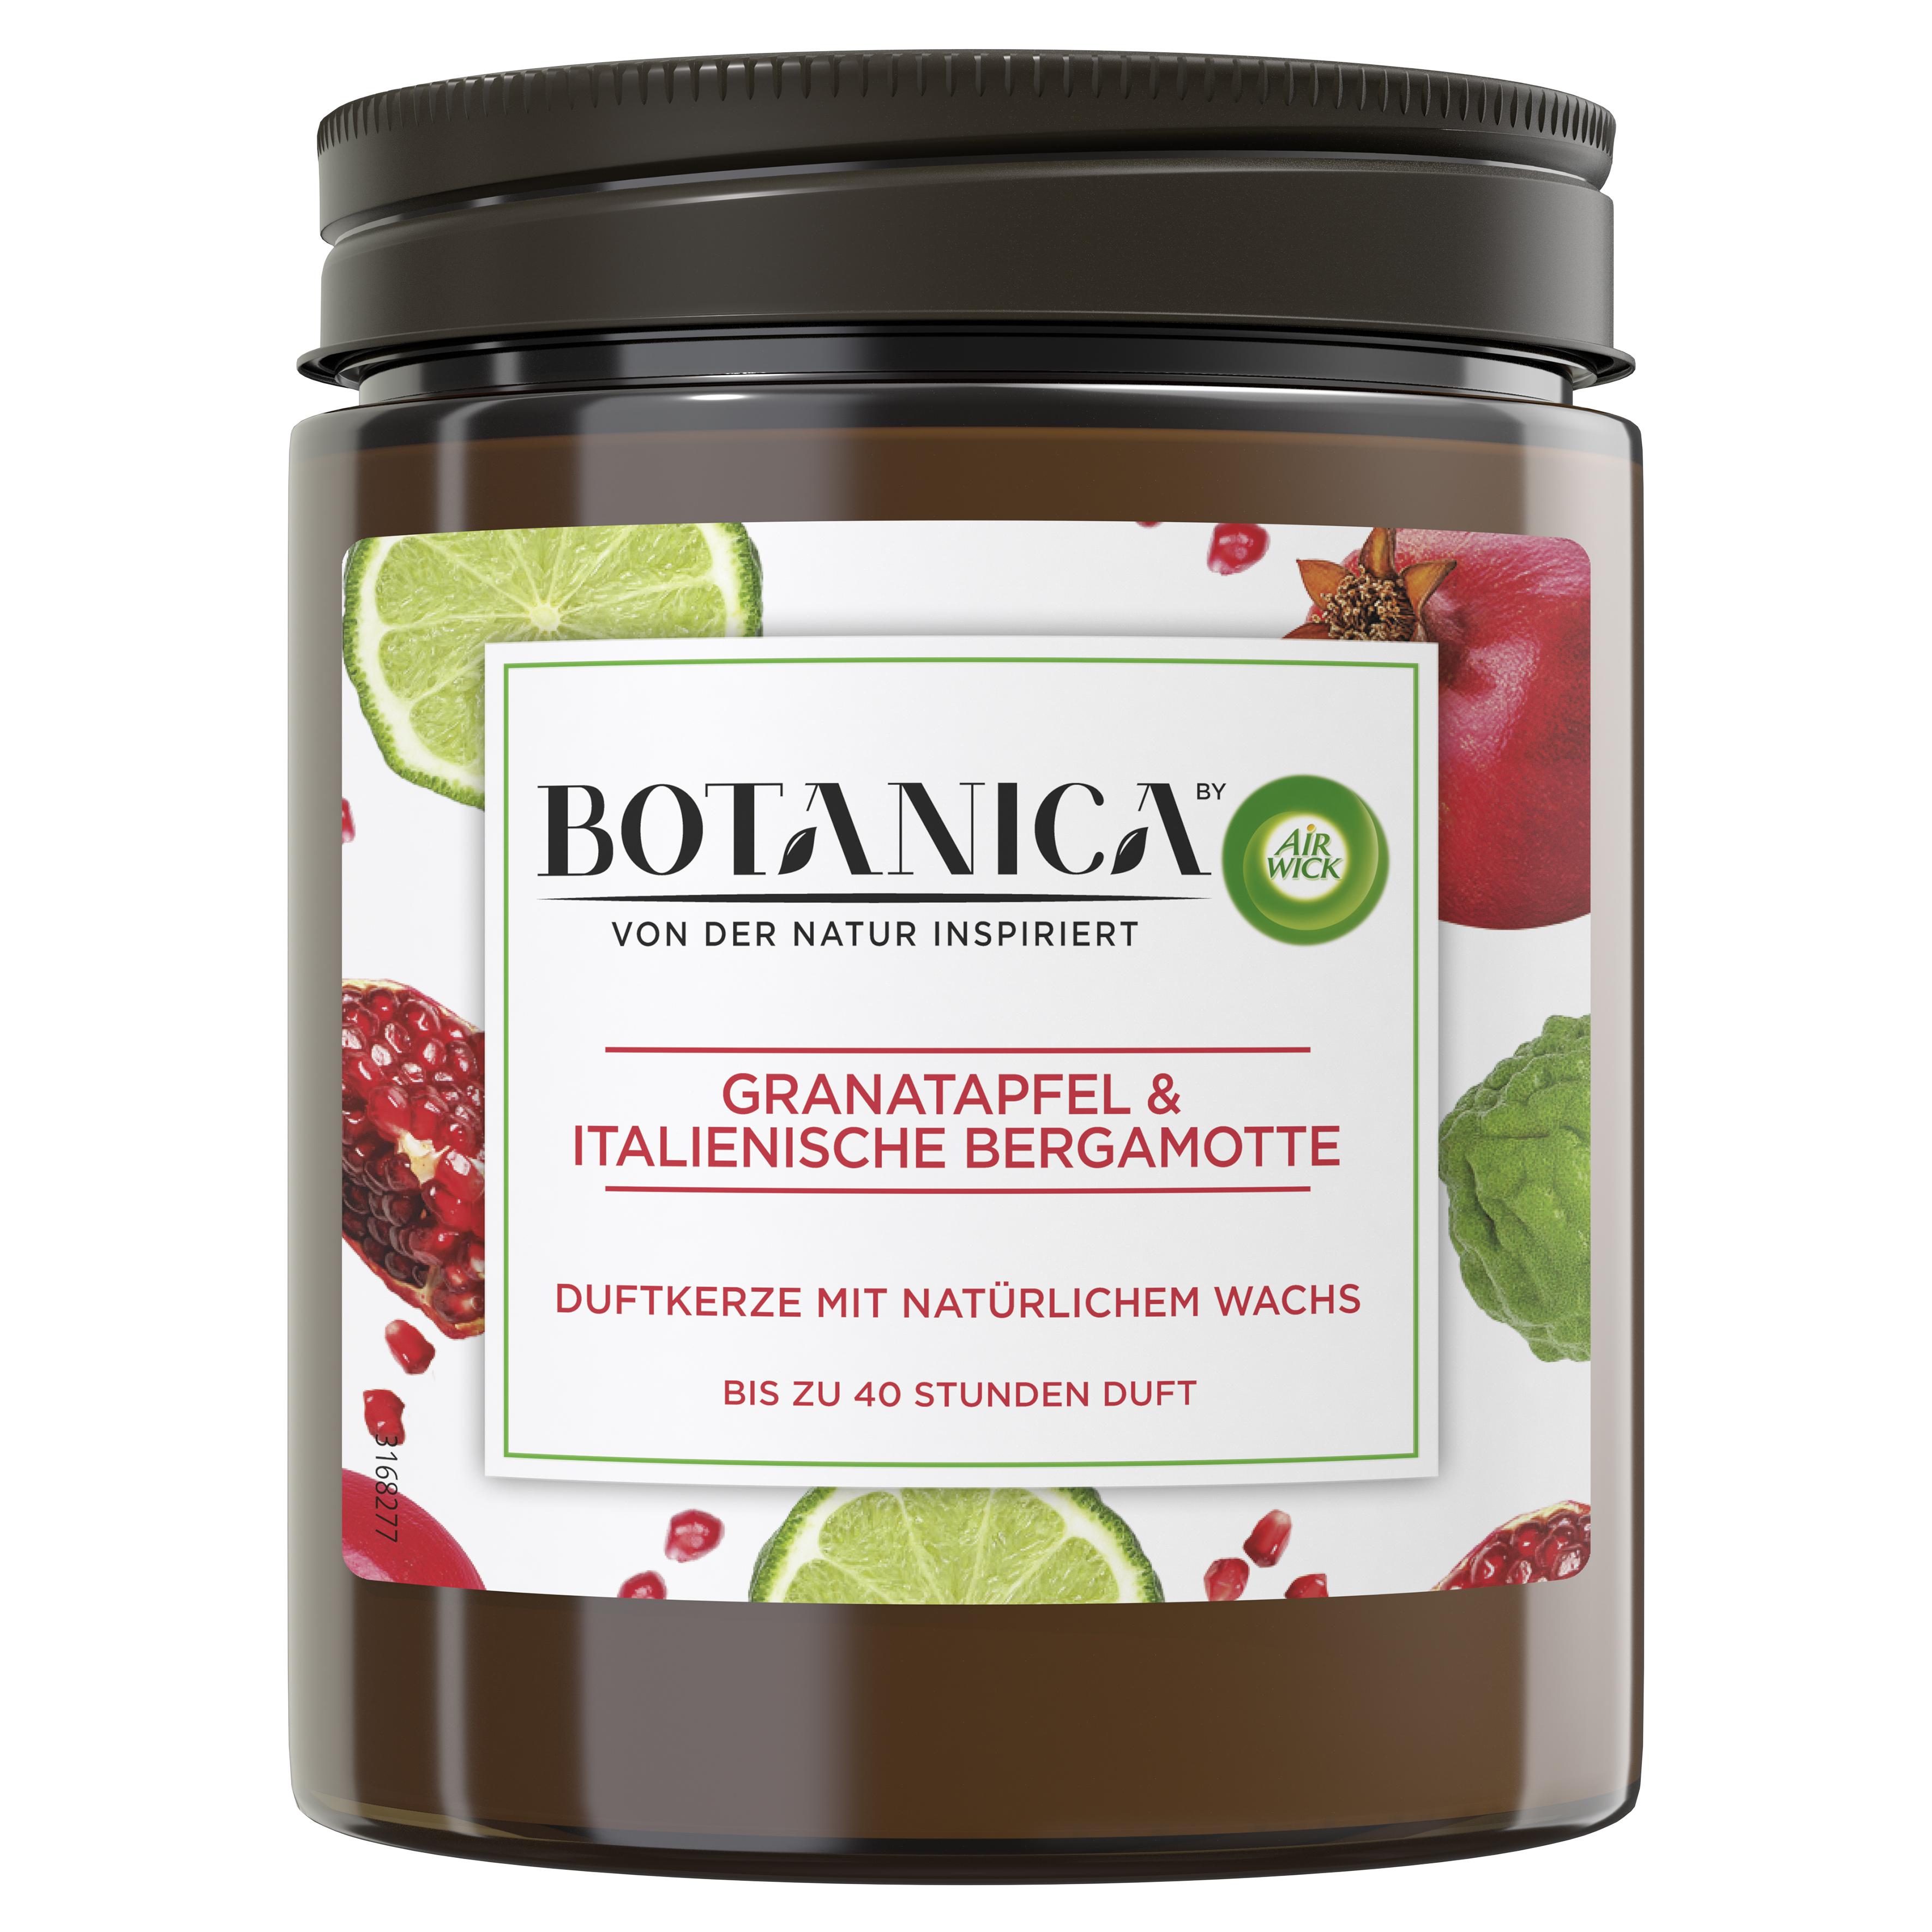 Air Wick Botanica Duftkerze Granatapfel & Italienische Bergamotte